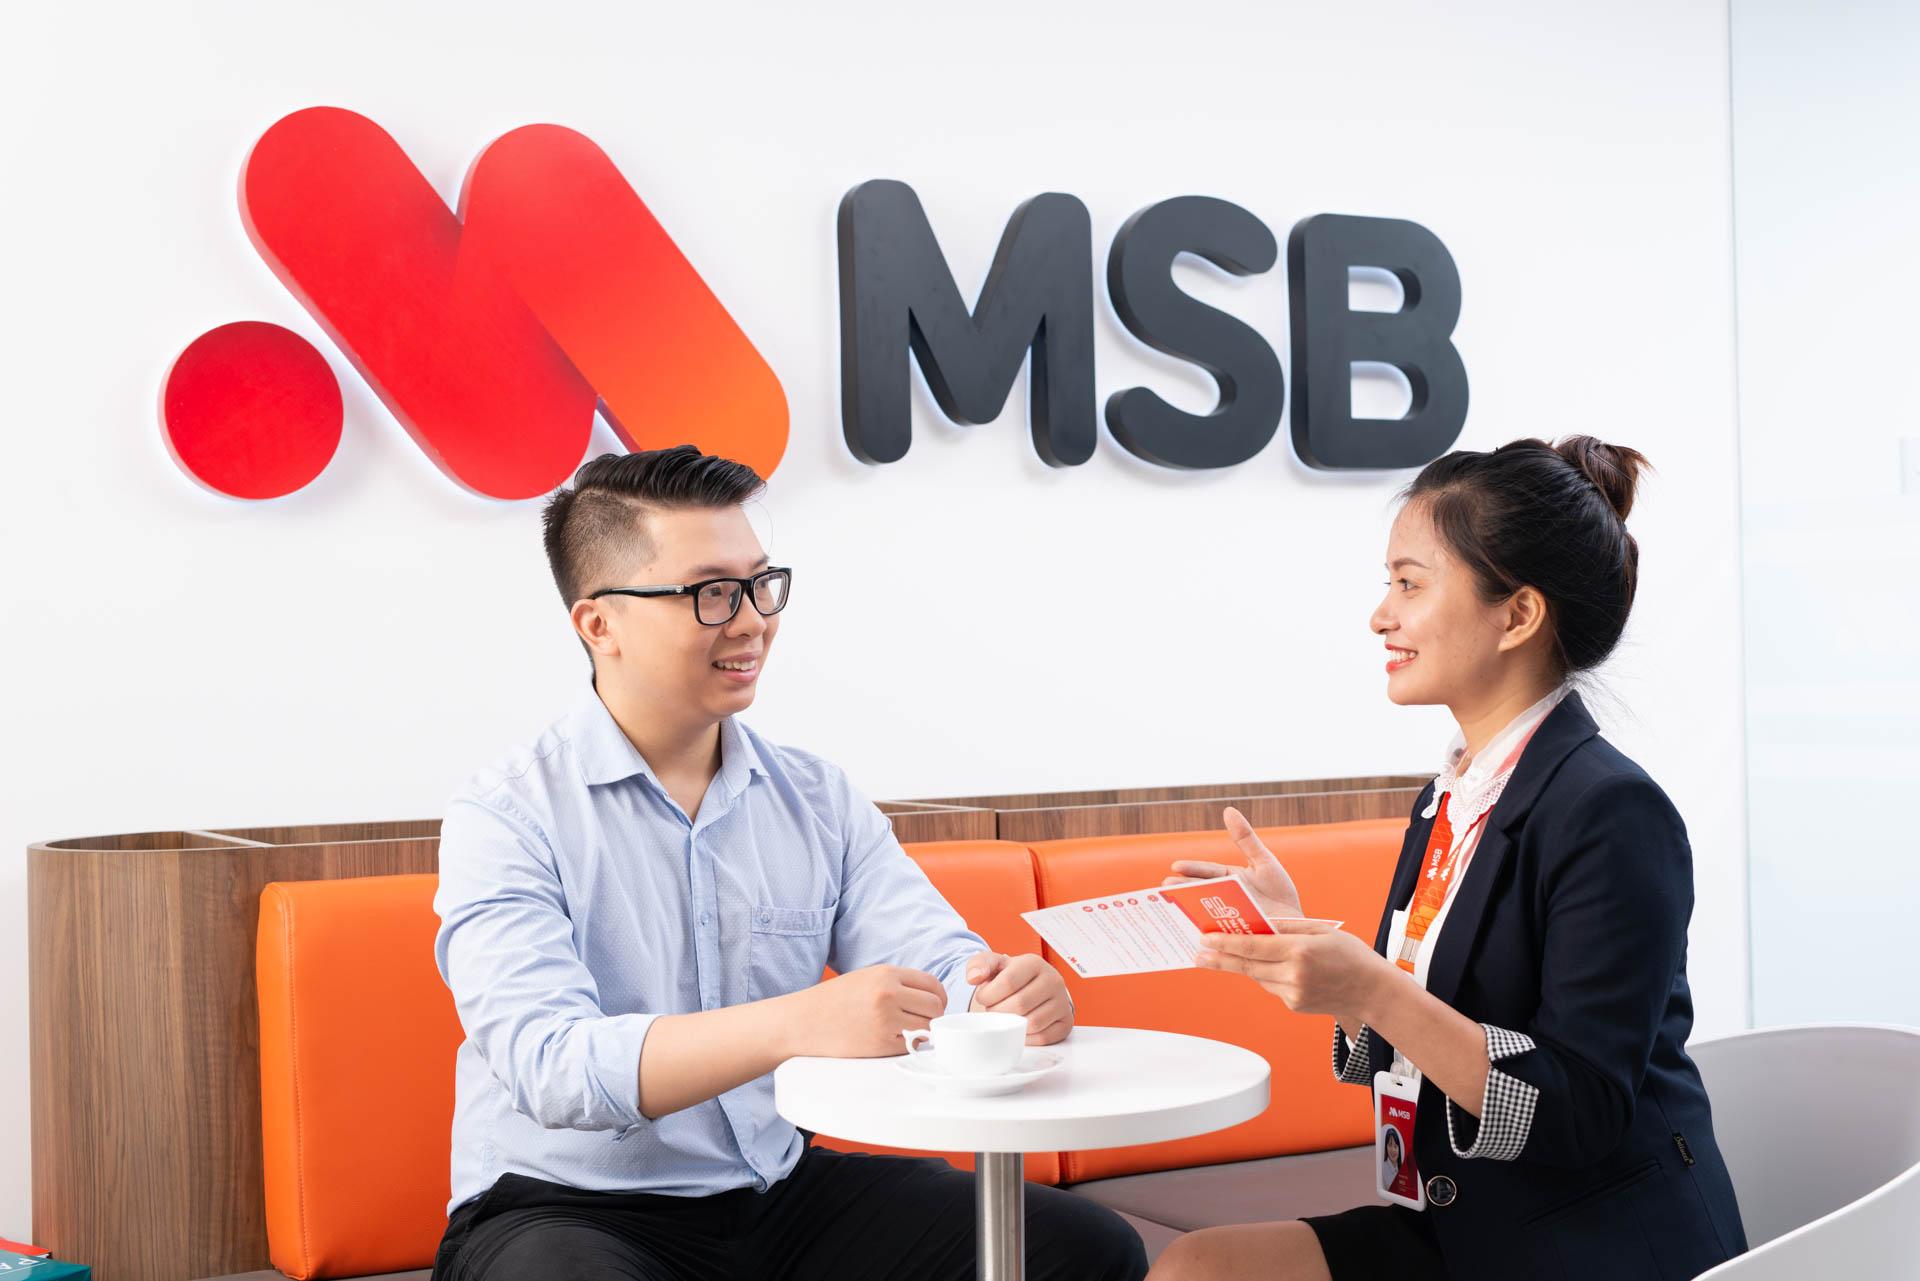 82,5 triệu cổ phiếu quỹ MSB sẽ 'đến tay' người mua muộn nhất vào tháng 6